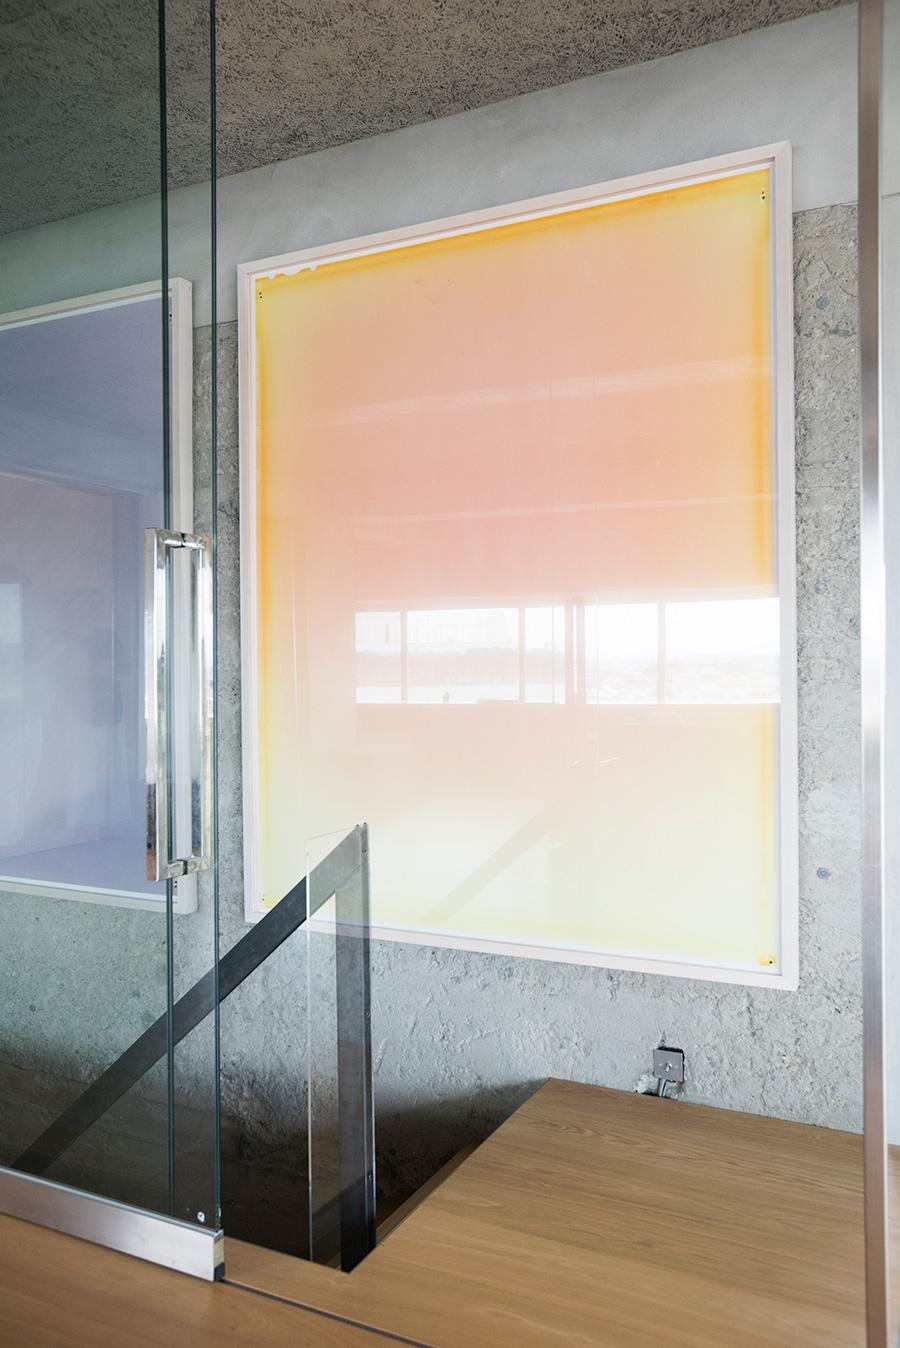 友人でもあるアーティスト川久保ジョイ氏の作品を階段や玄関に飾る。3.11の震災後、福島の土の中で感光させた3部作。。